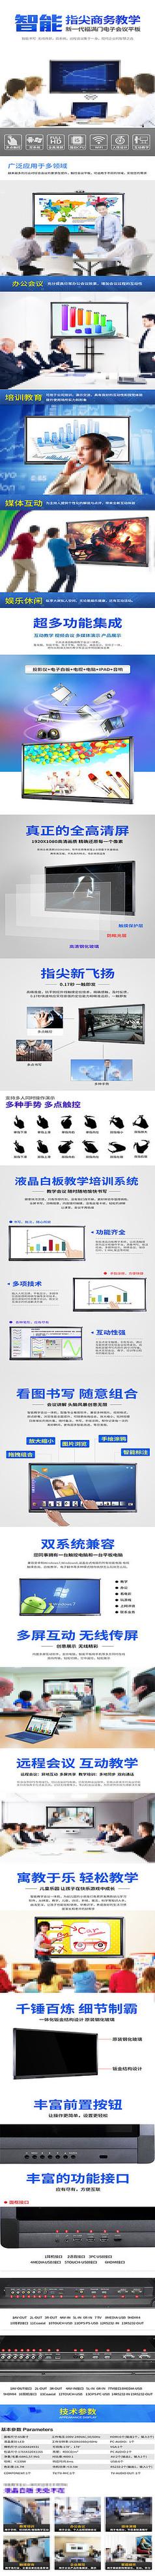 天猫数码办公广告一体机详情页